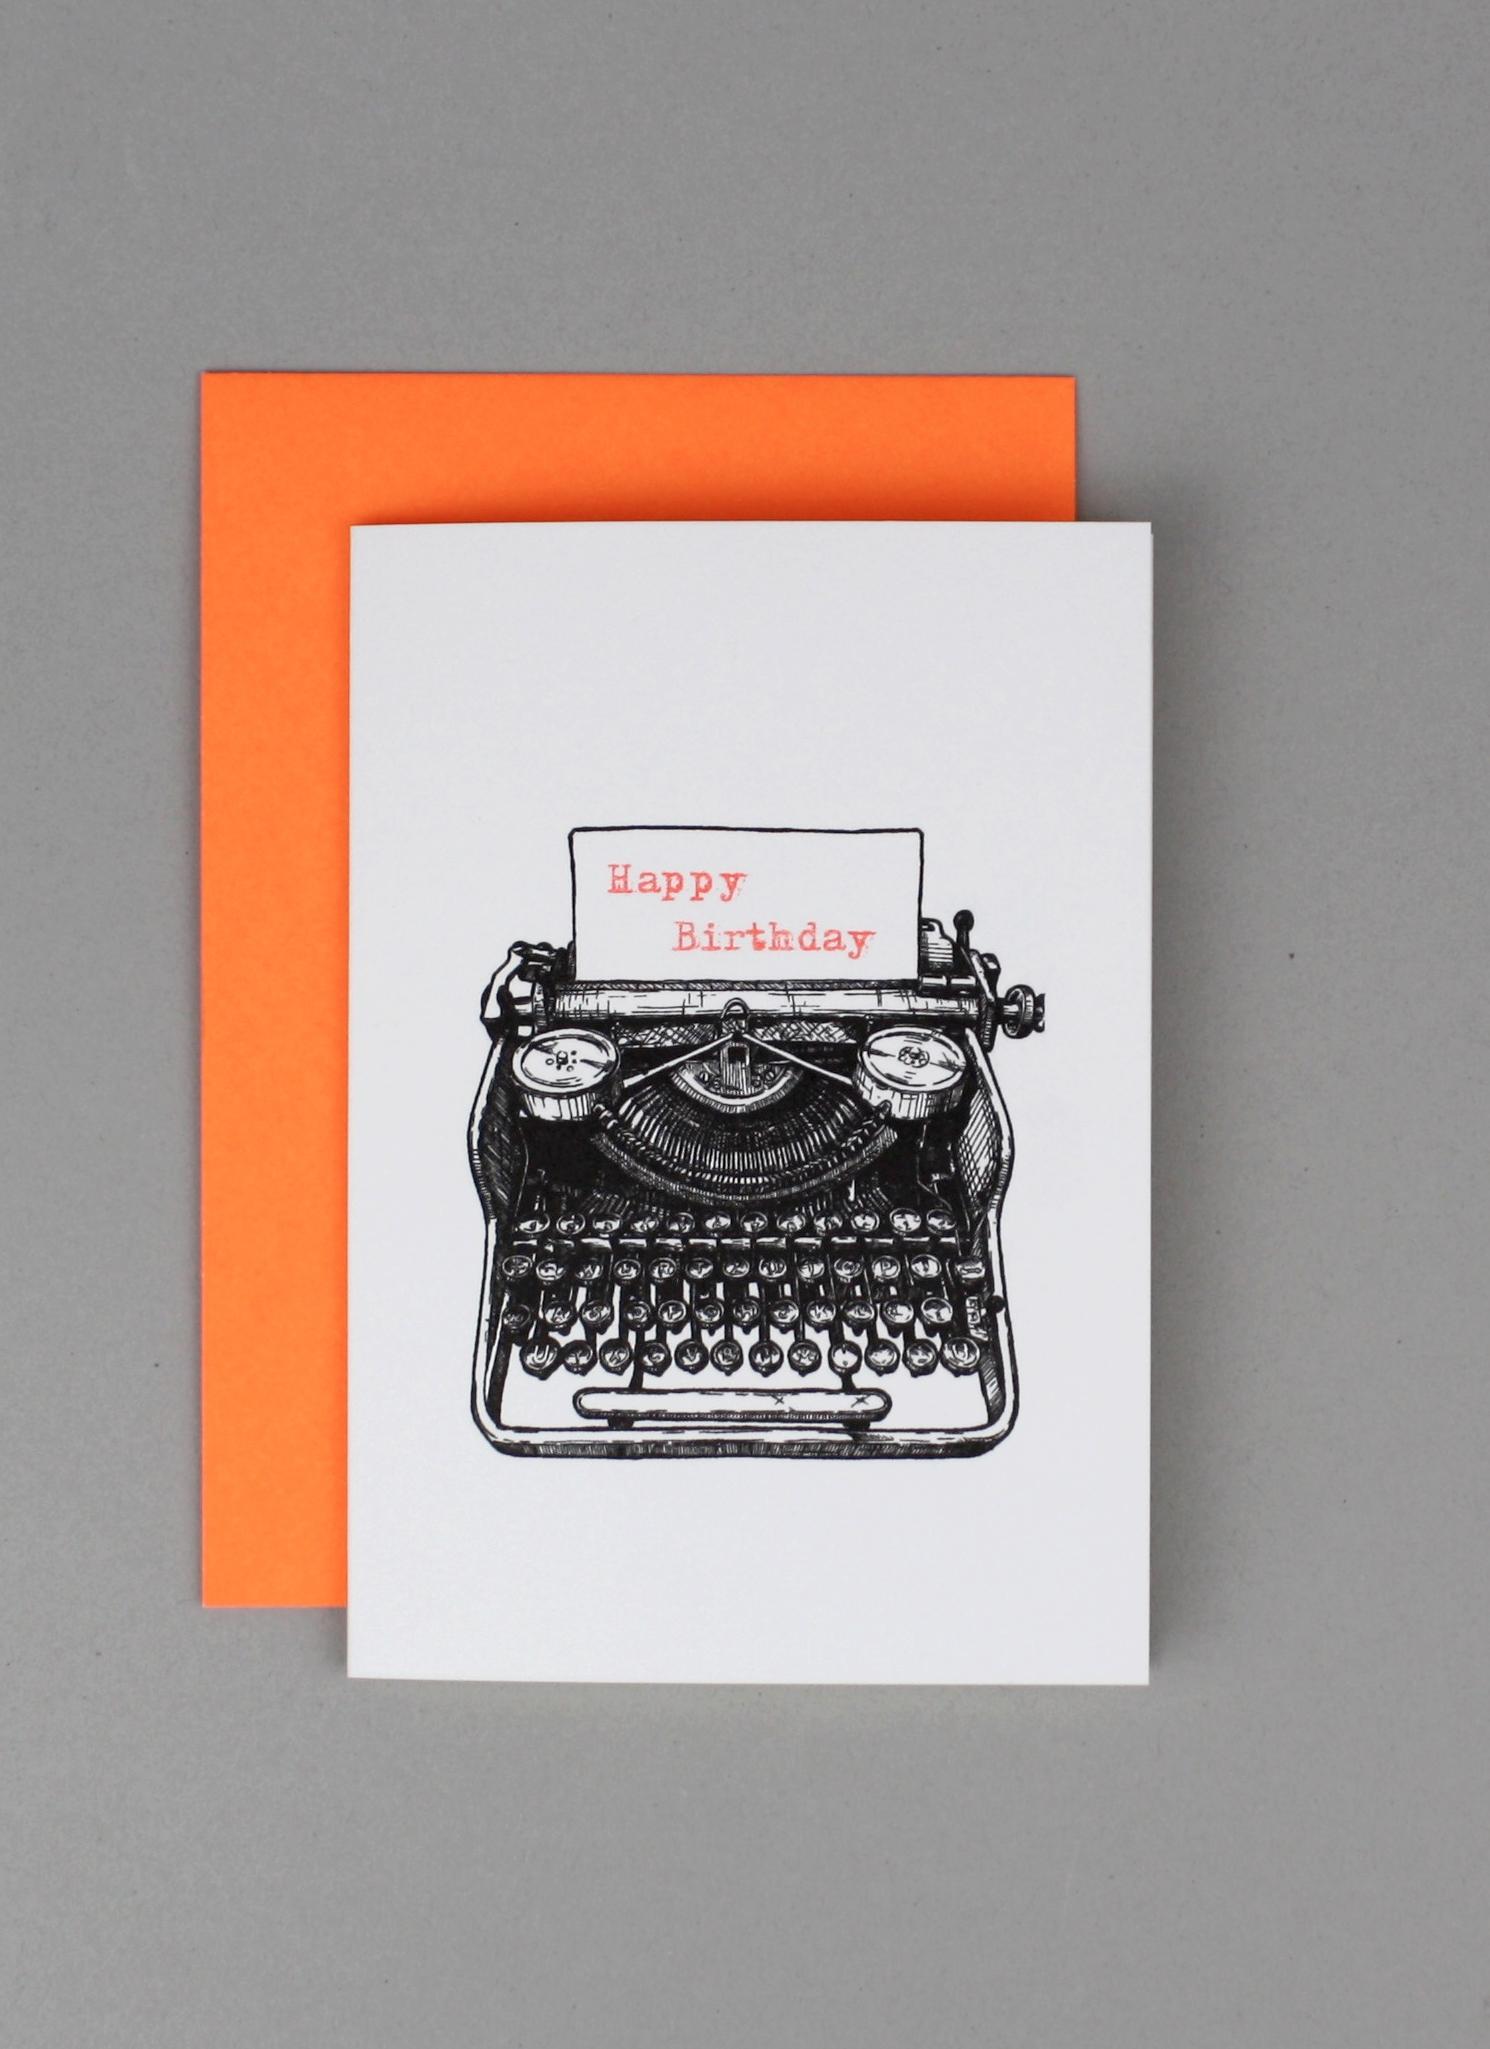 Happy Birthday-Schreibmaschine